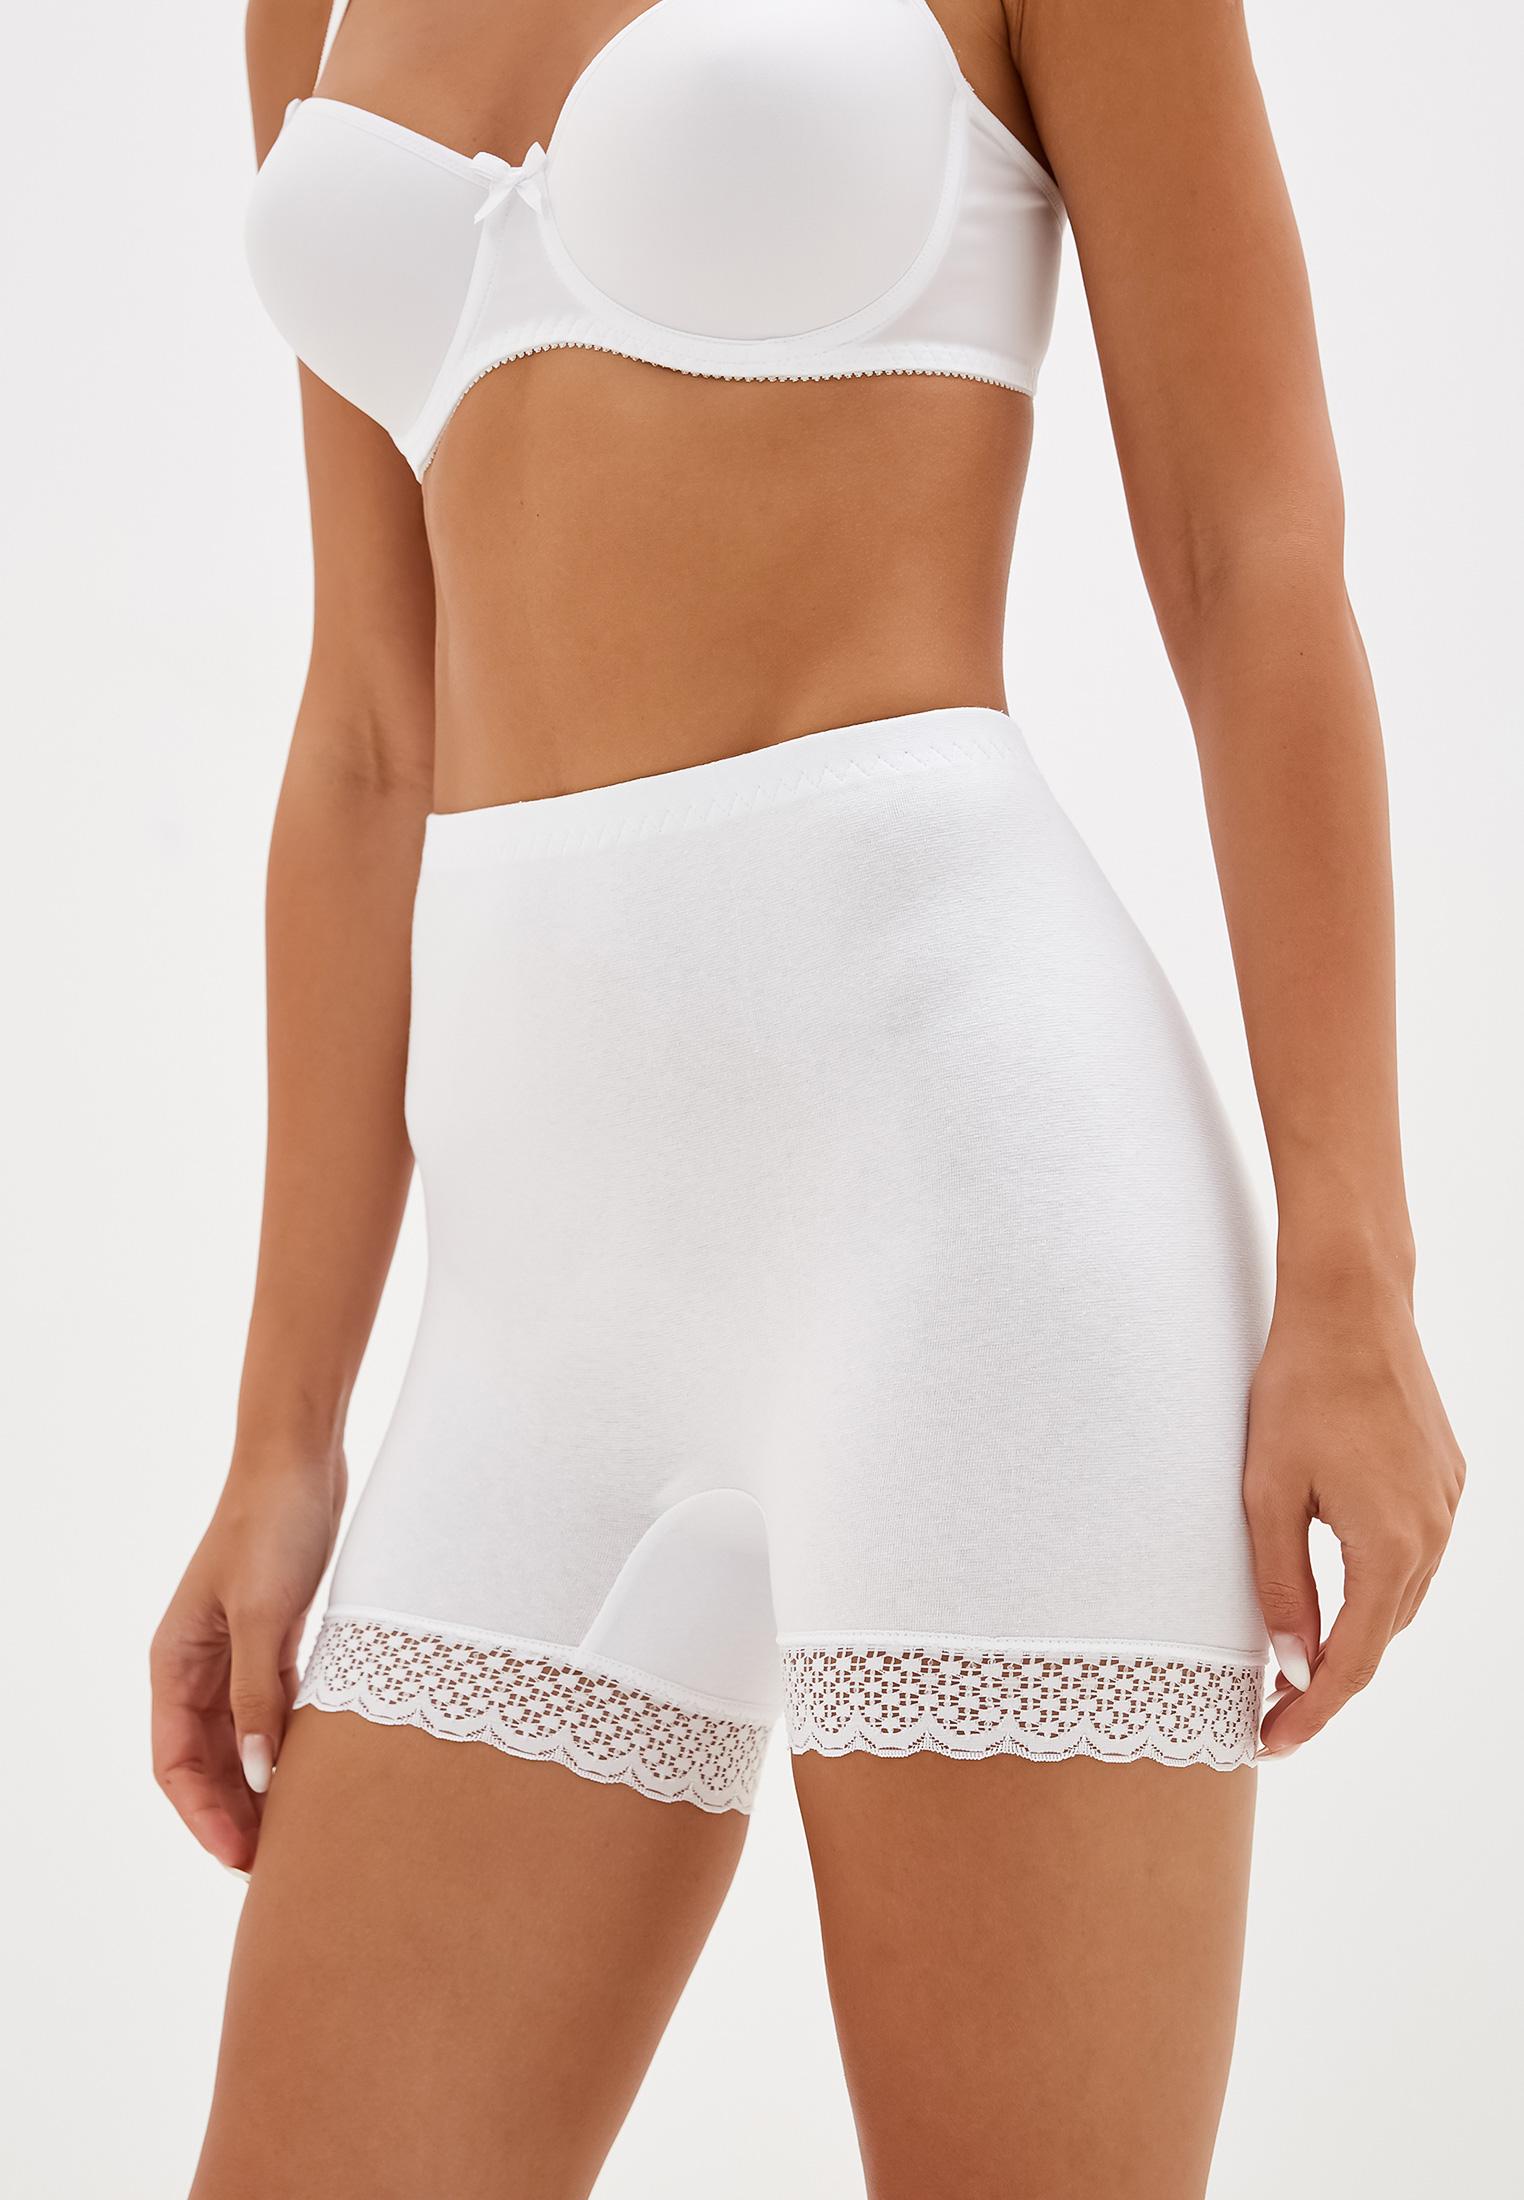 Панталоны женские НОВОЕ ВРЕМЯ T013 белые 64 RU